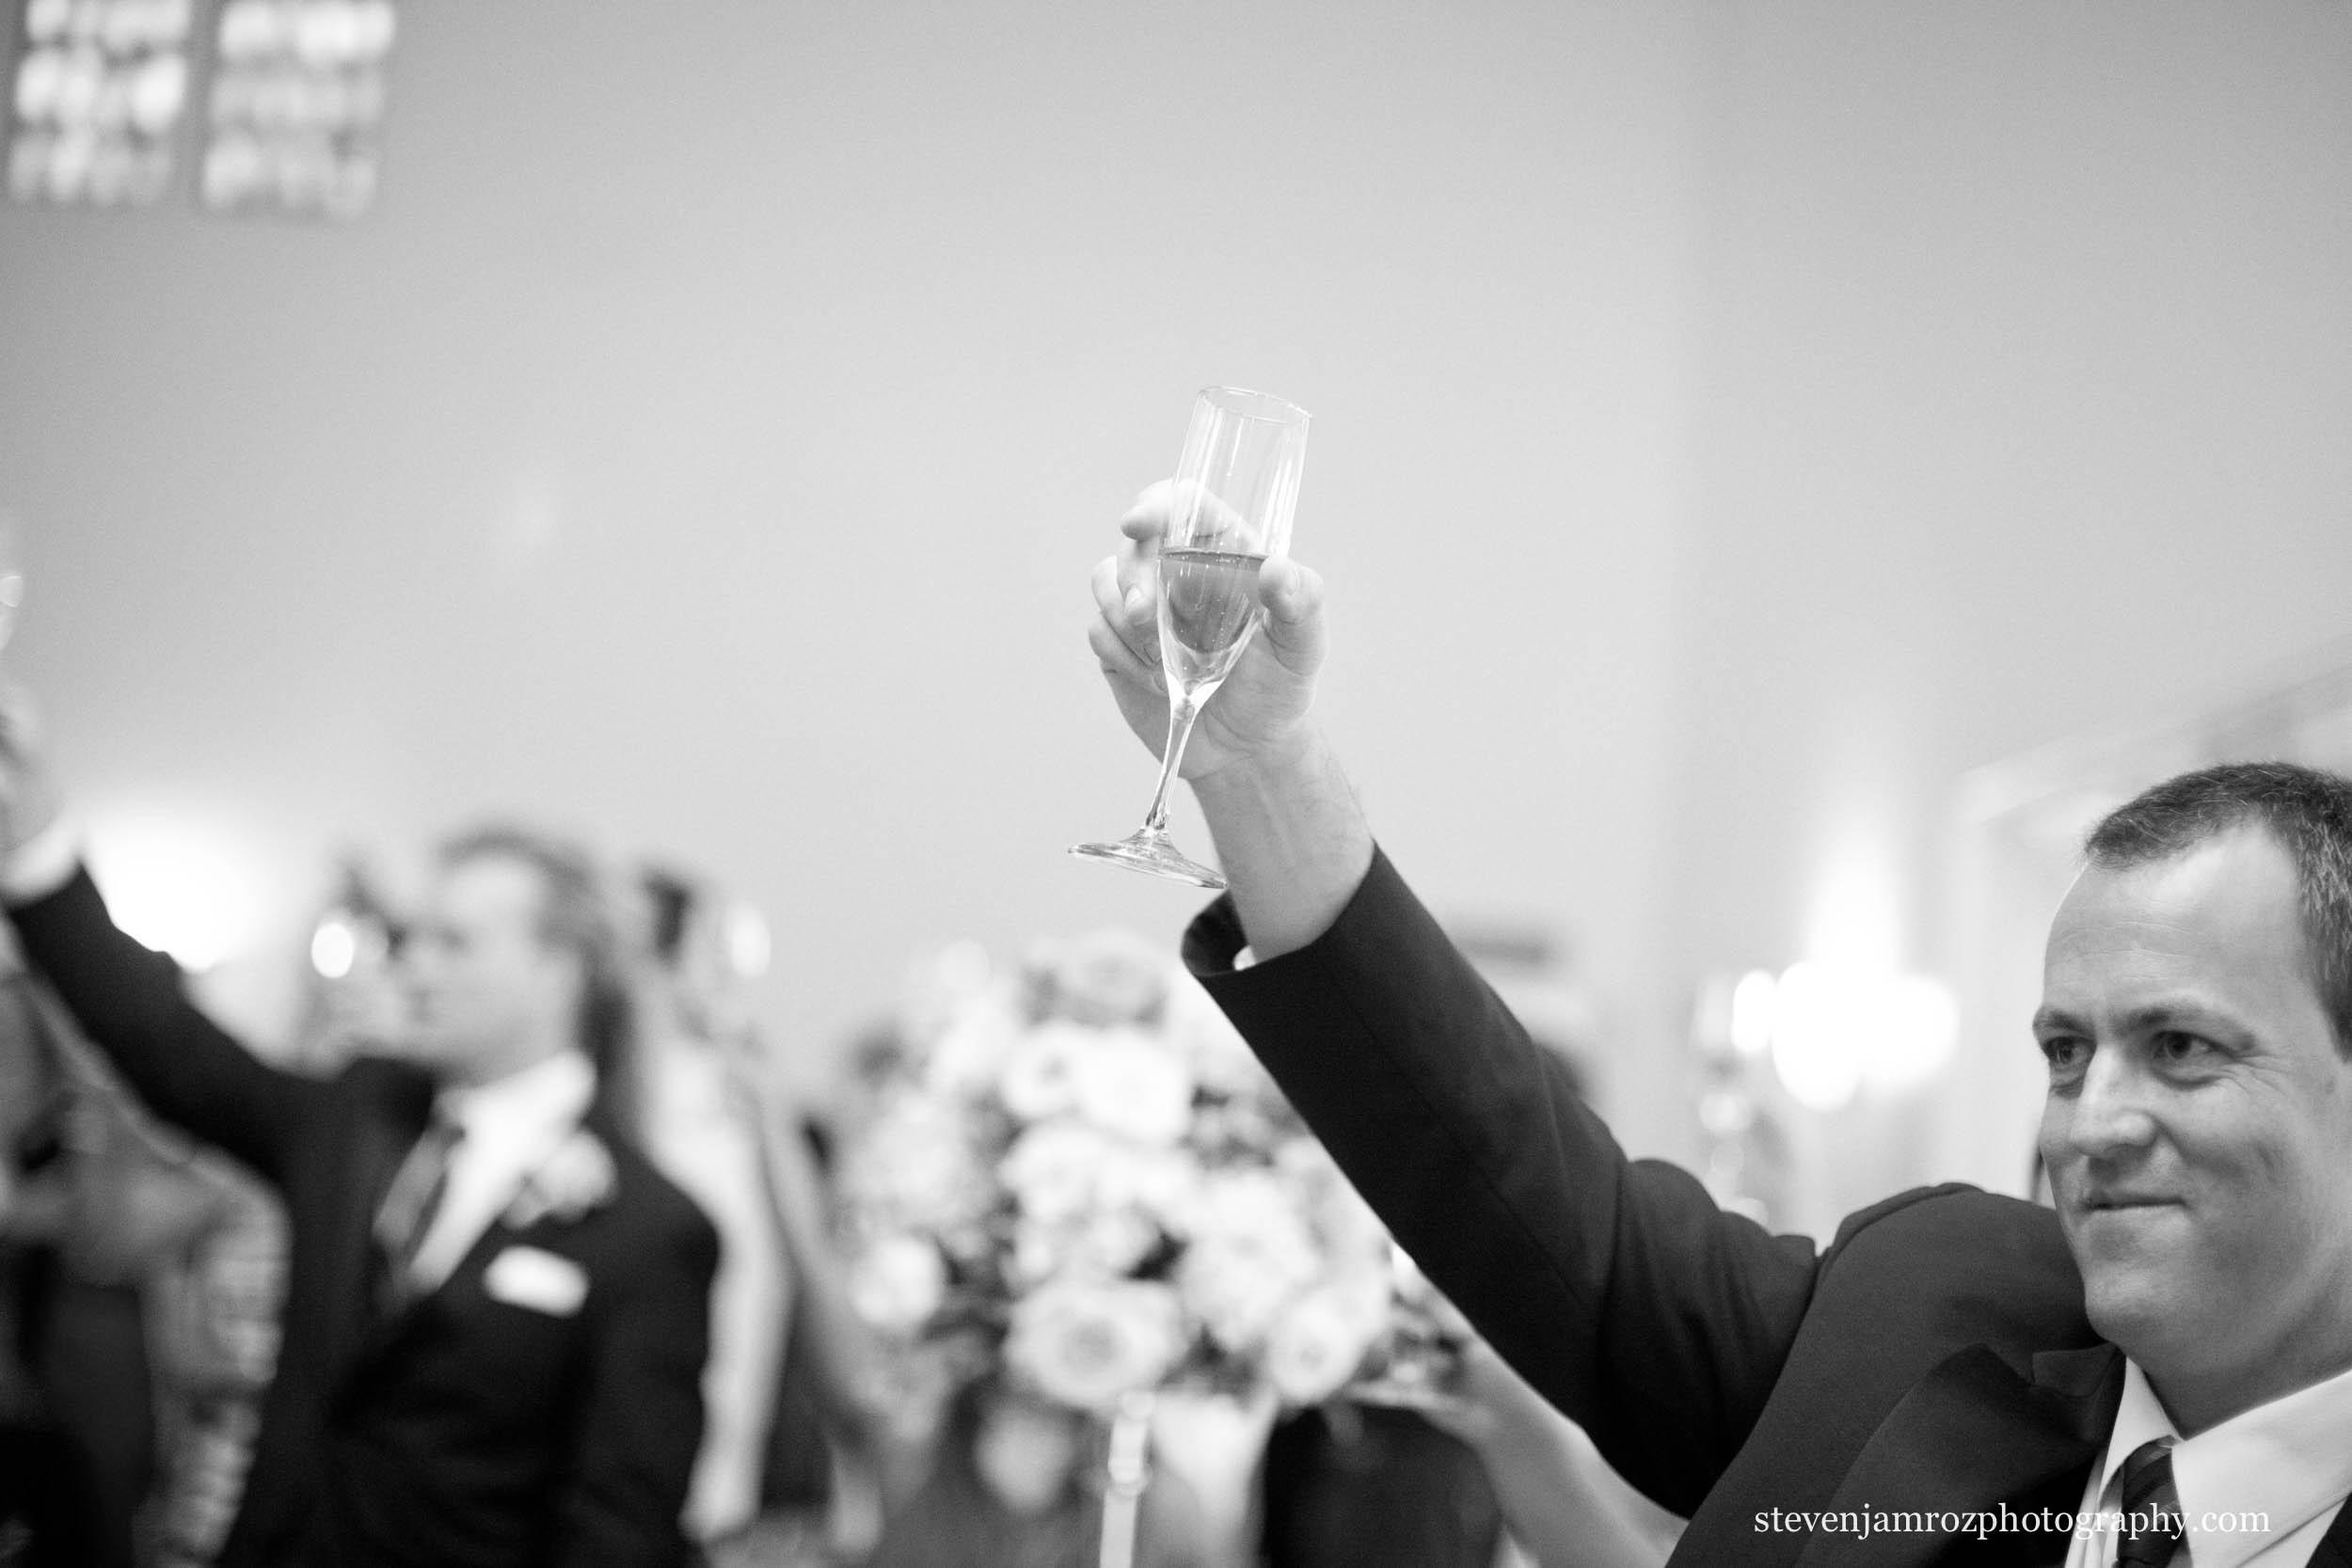 raise-a-glass-wedding-raleigh-nc-steven-jamroz-photography-0133.jpg